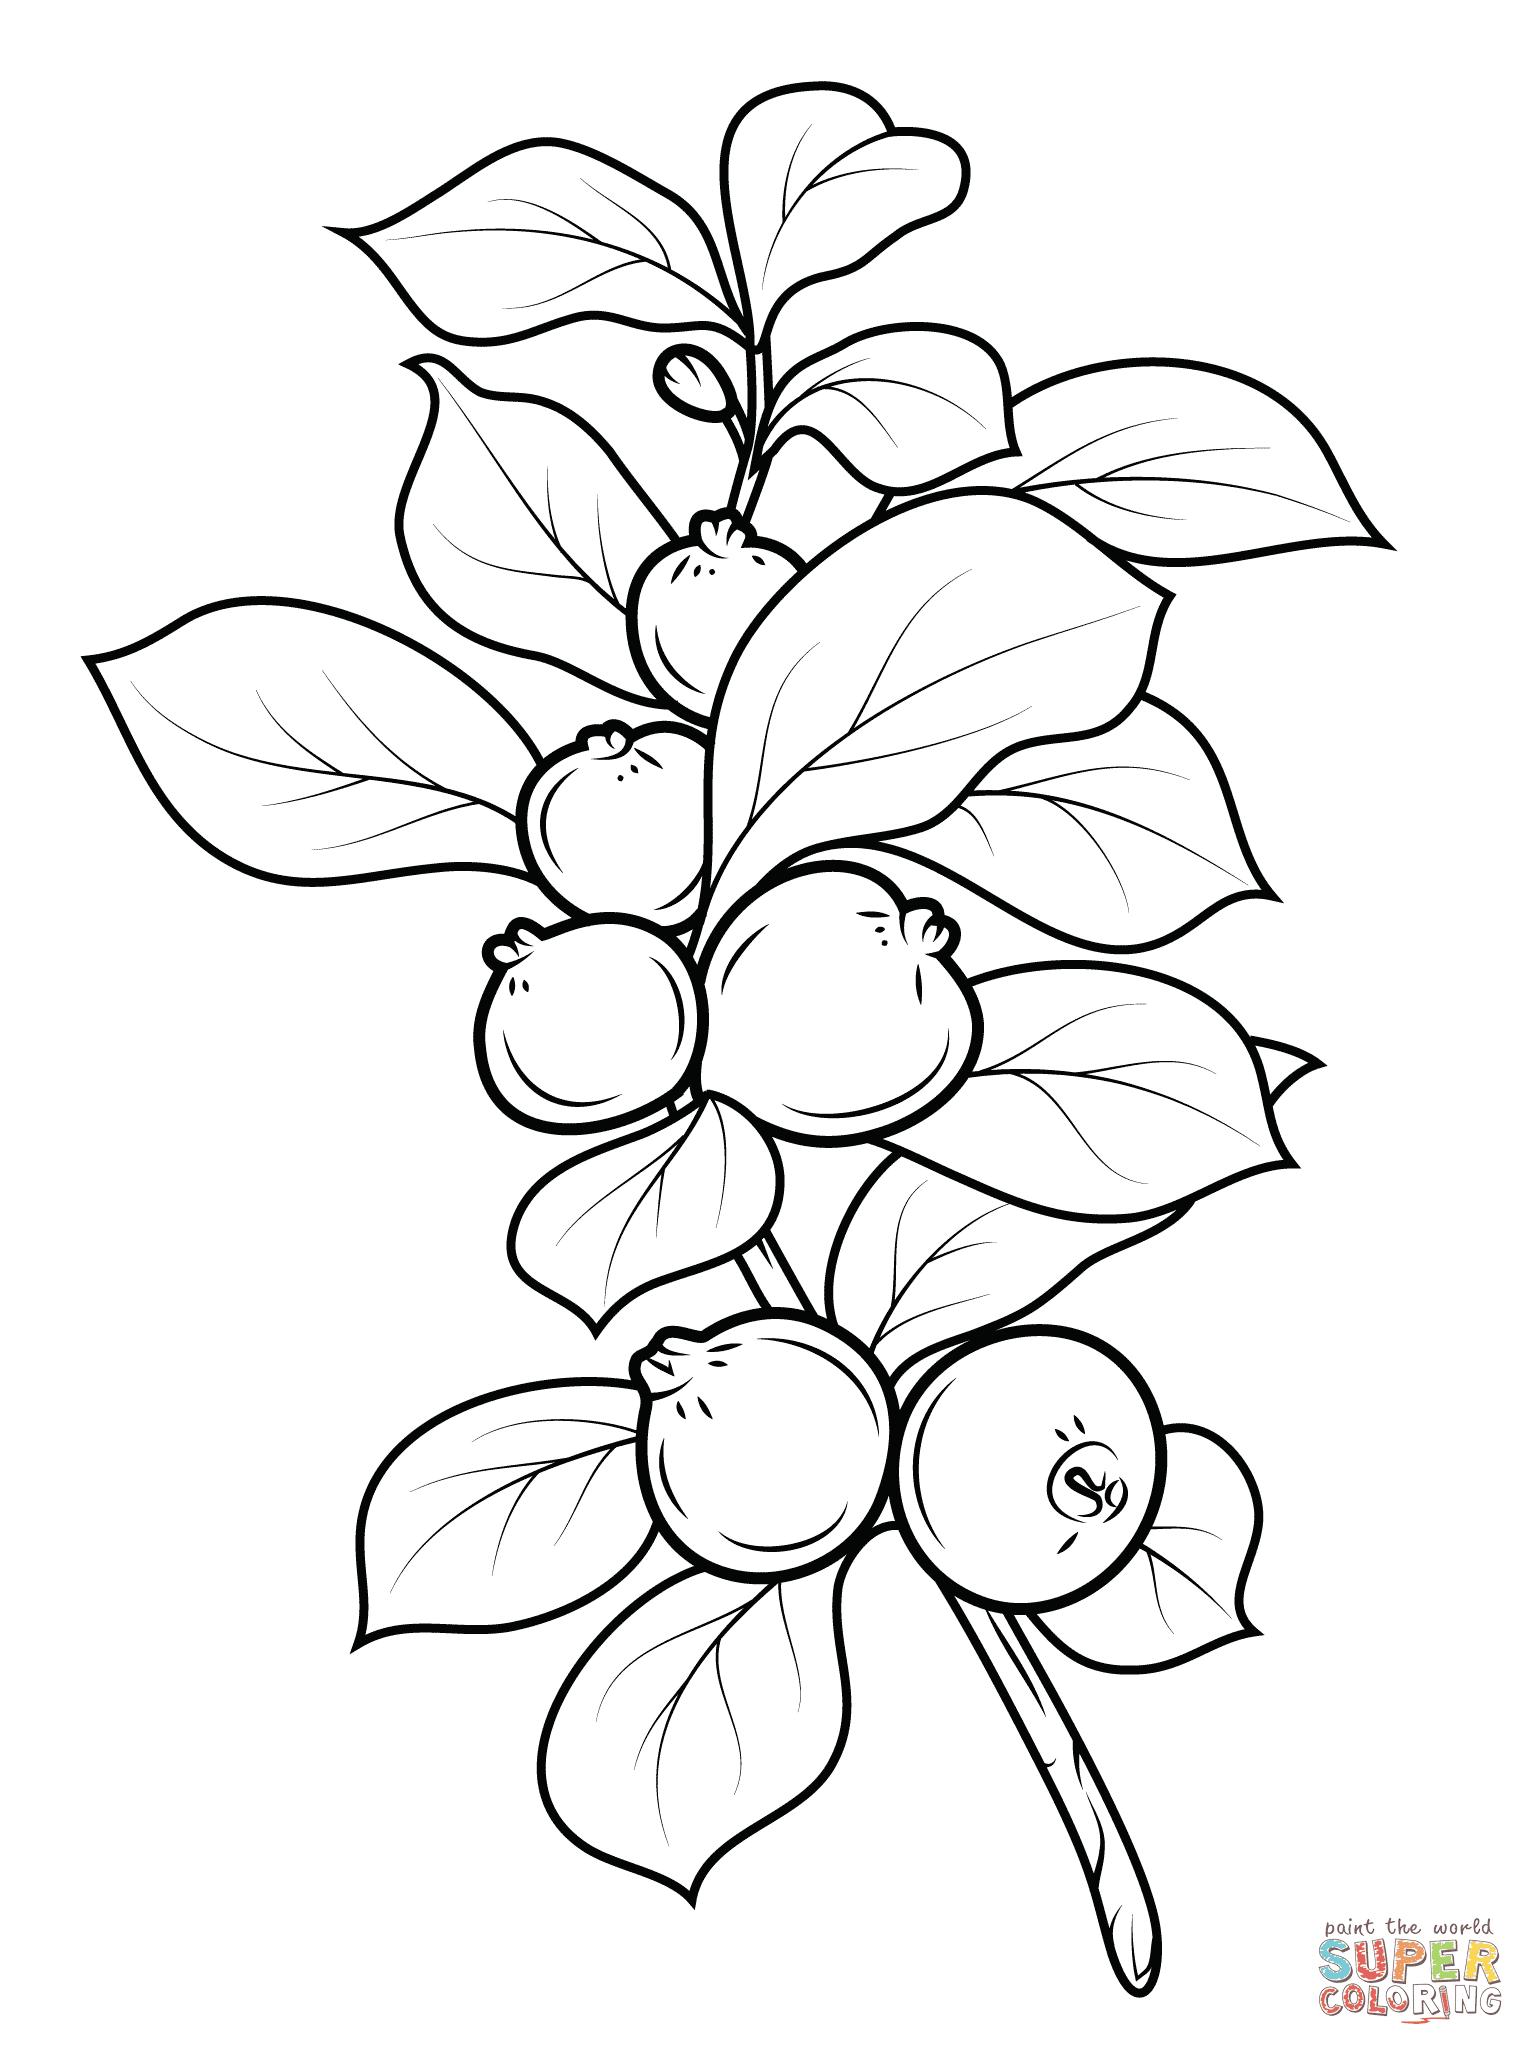 Dibujo De Guayaba Fresa Para Colorear Dibujos Para Colorear